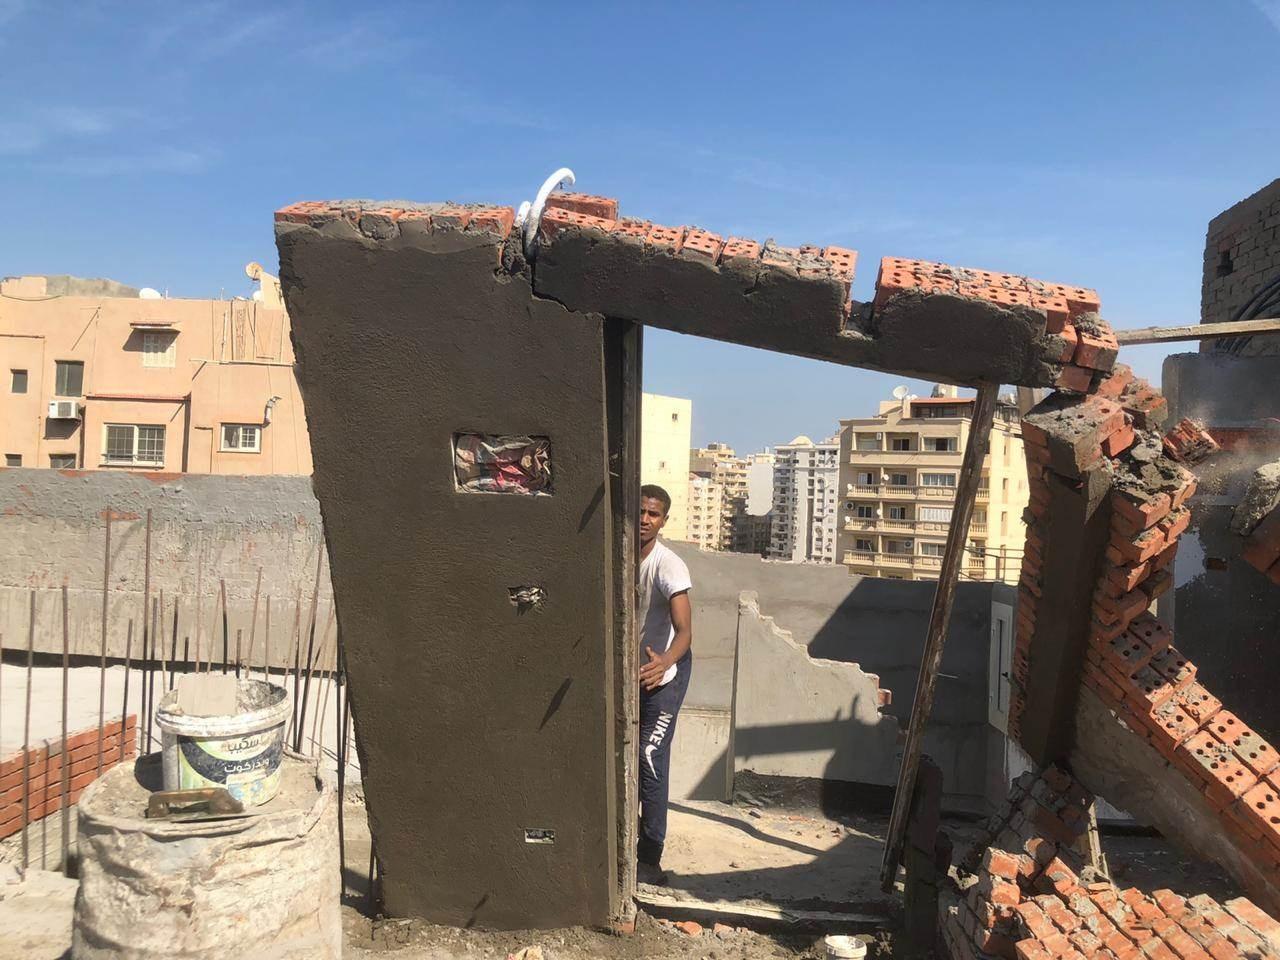 جزائريون يستغلون فترة الحجر الصحي لتشييد منازل ومحلات بطريقة غير نظامية